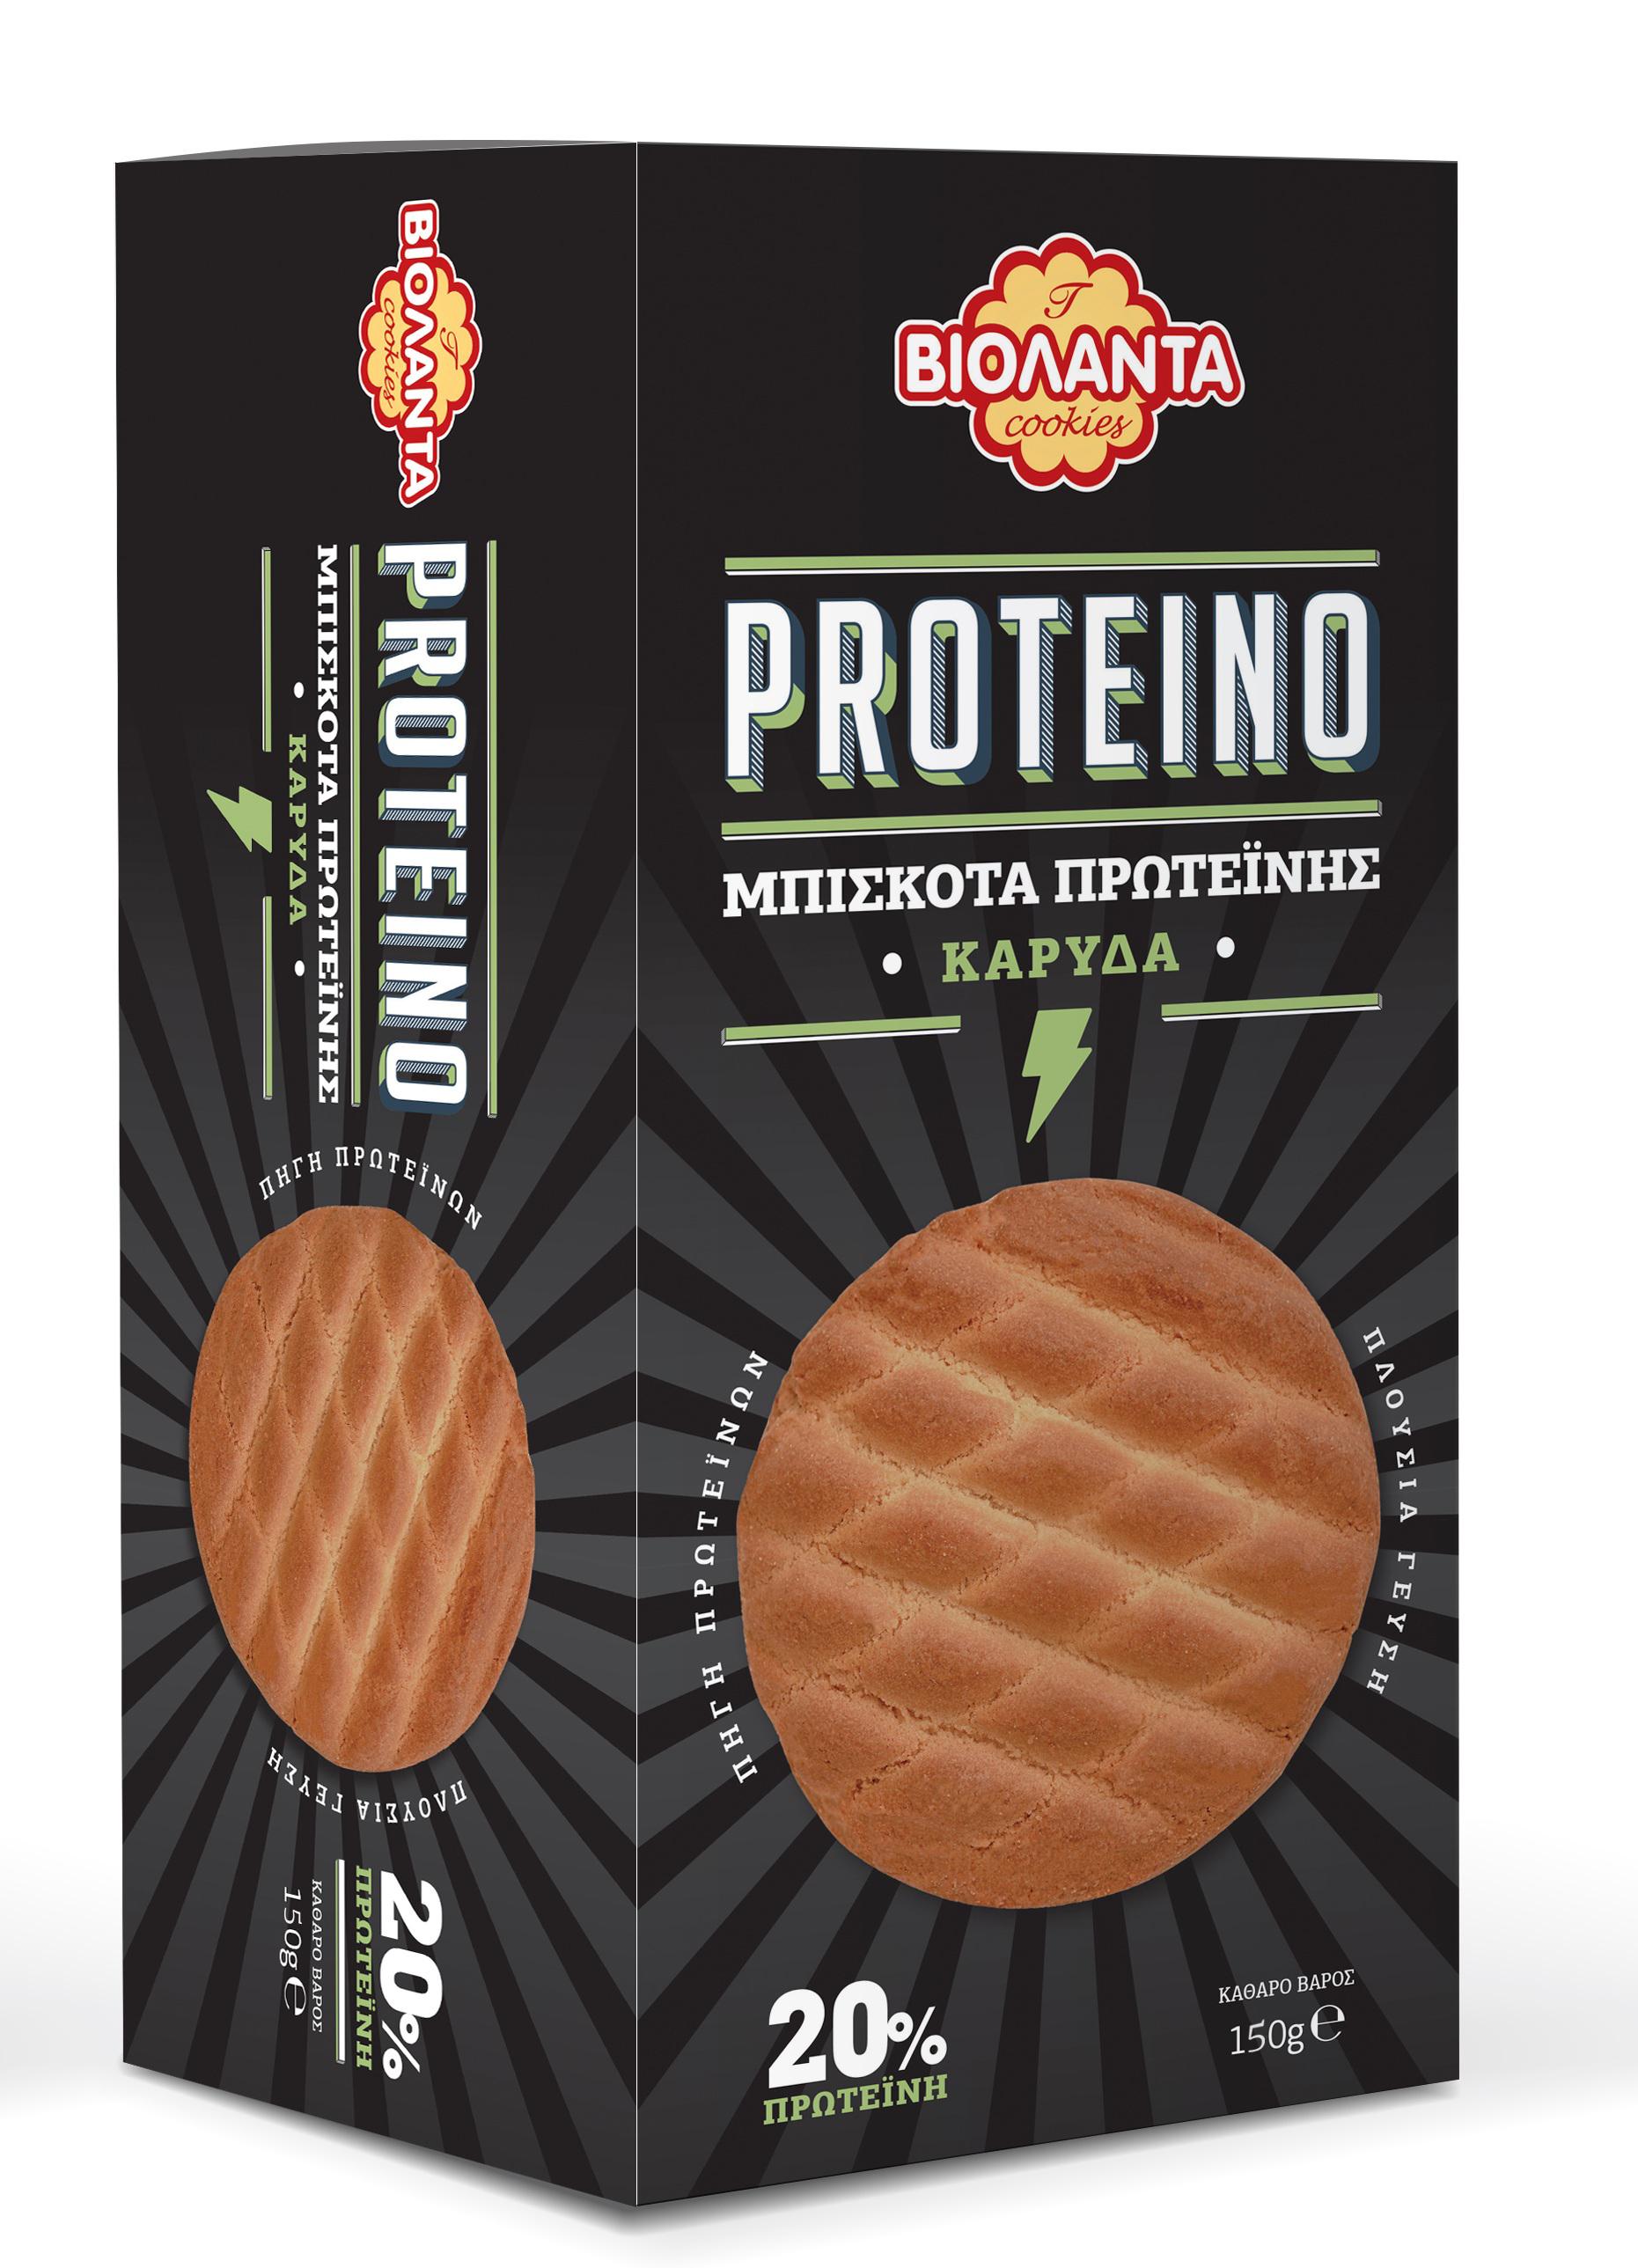 Μπισκότα Πρωτεΐνης με Καρύδα Proteino Βιολάντα (150g)